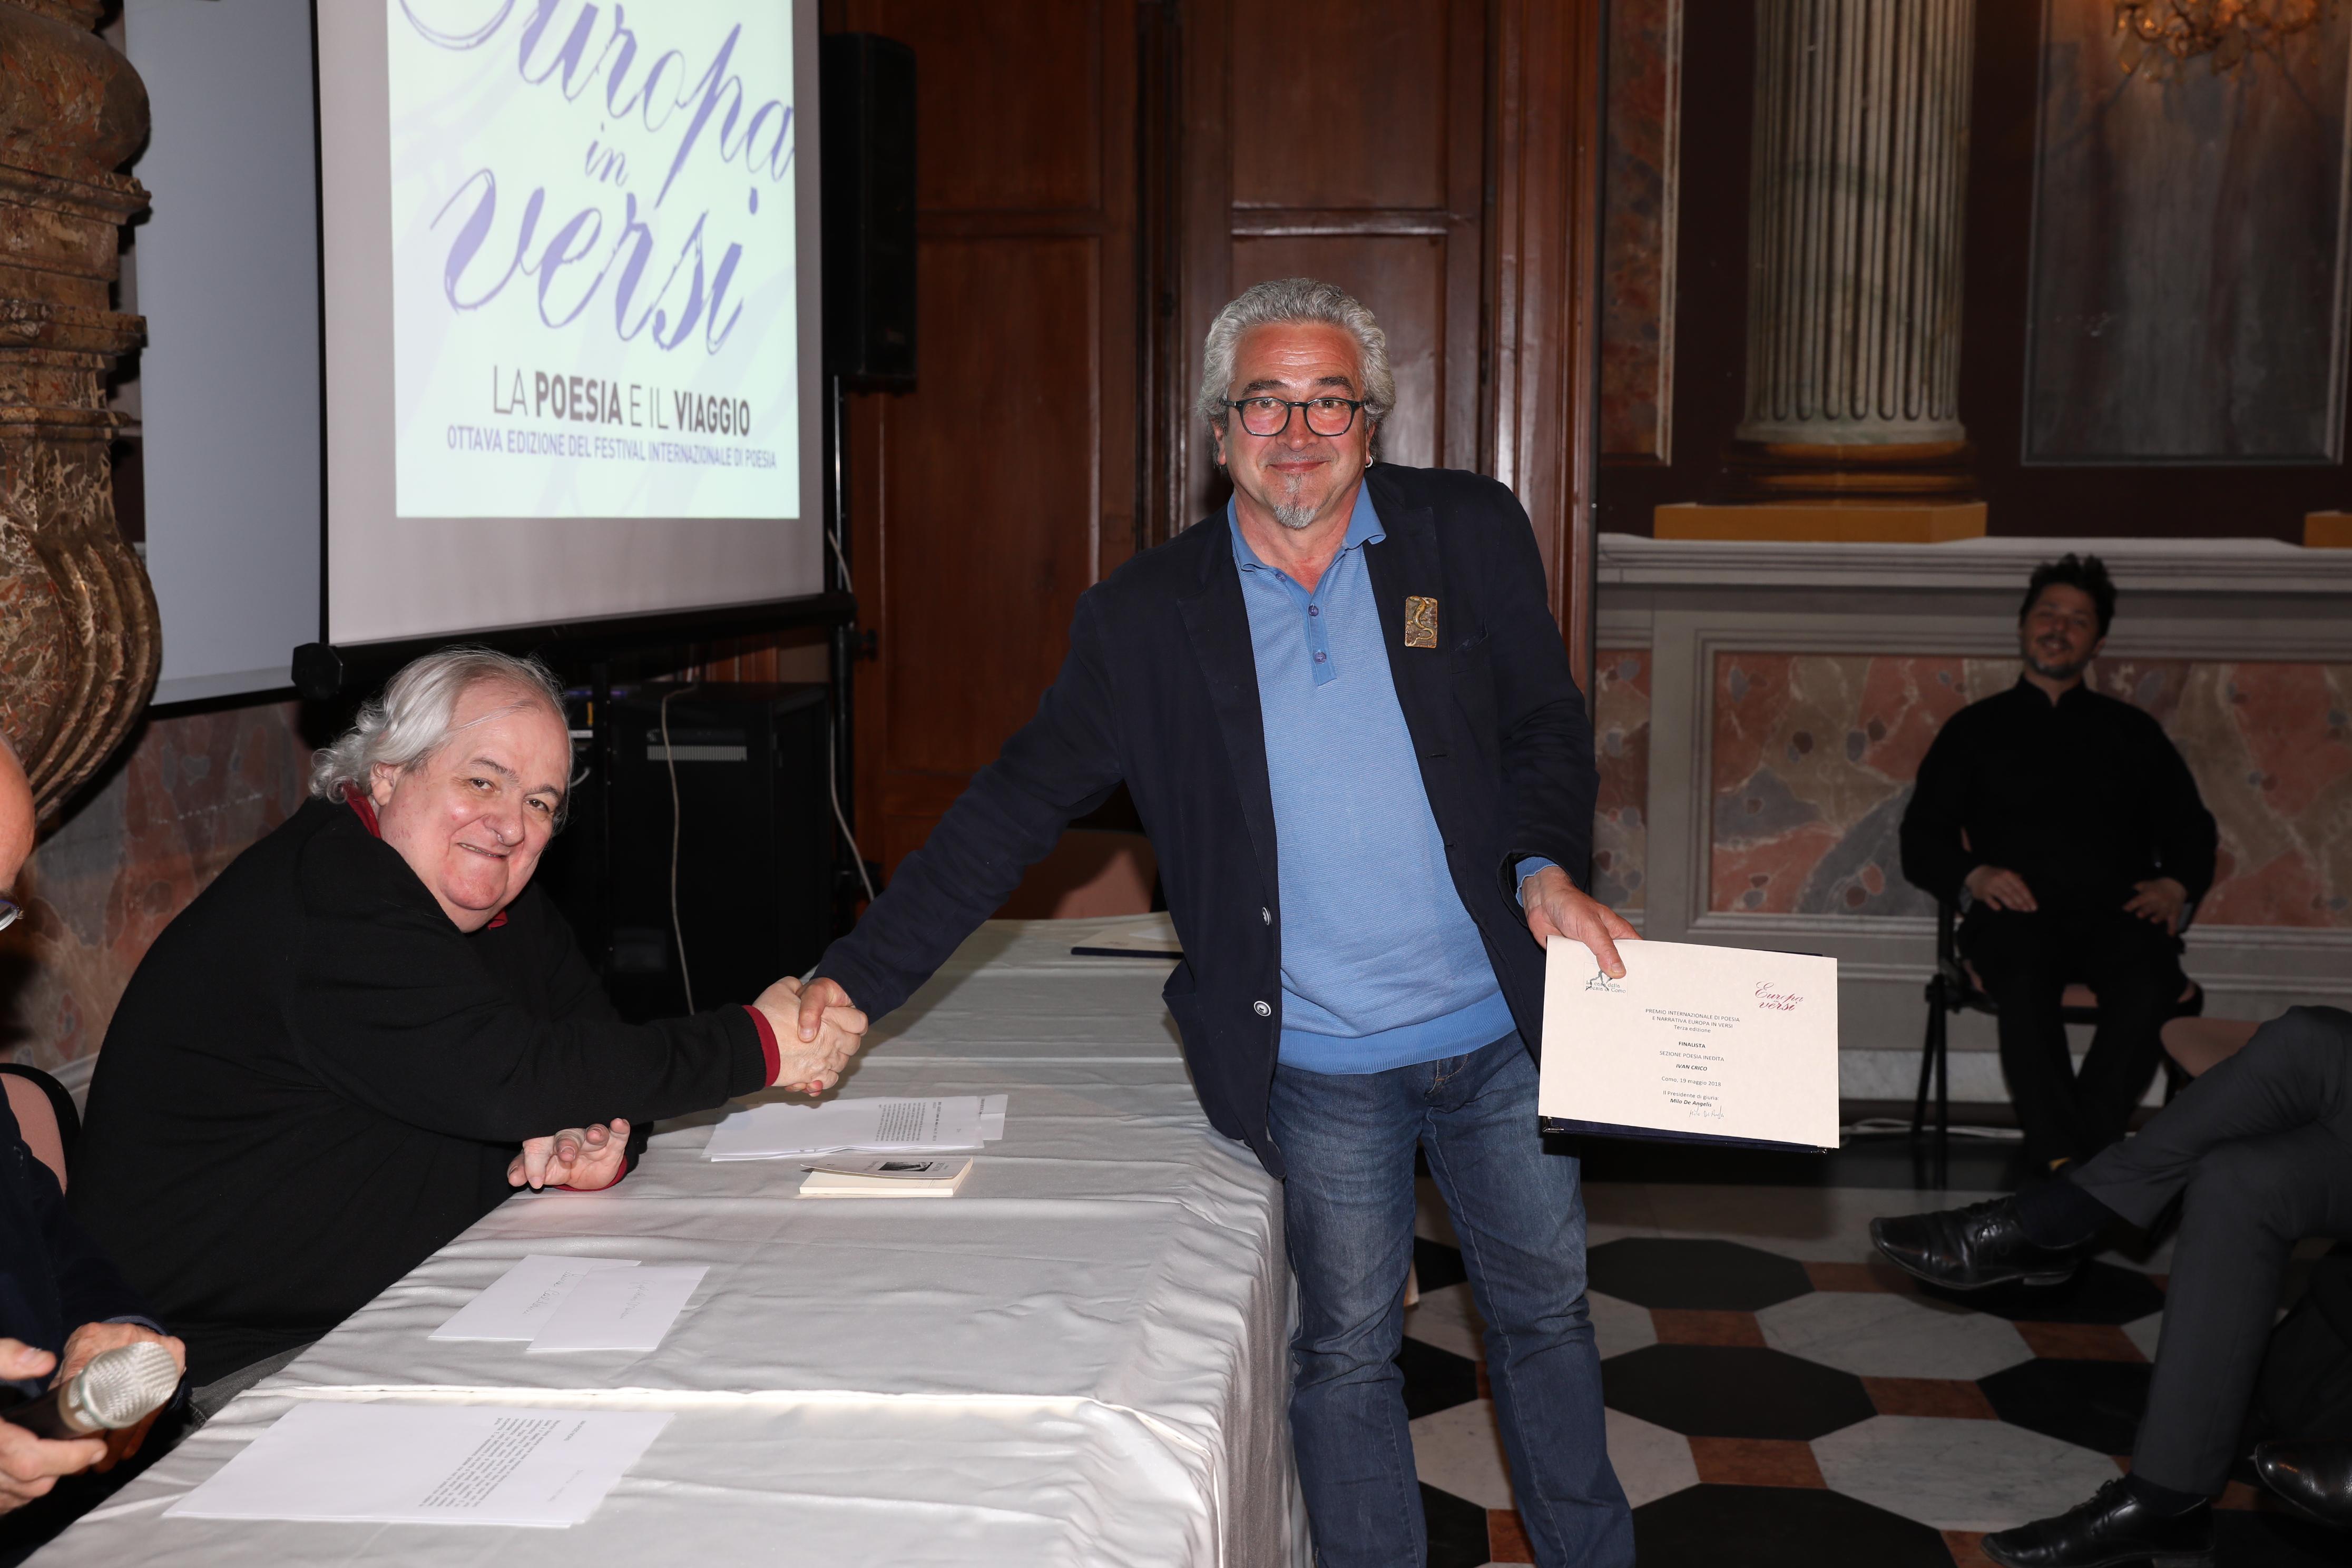 Maurizio Noris